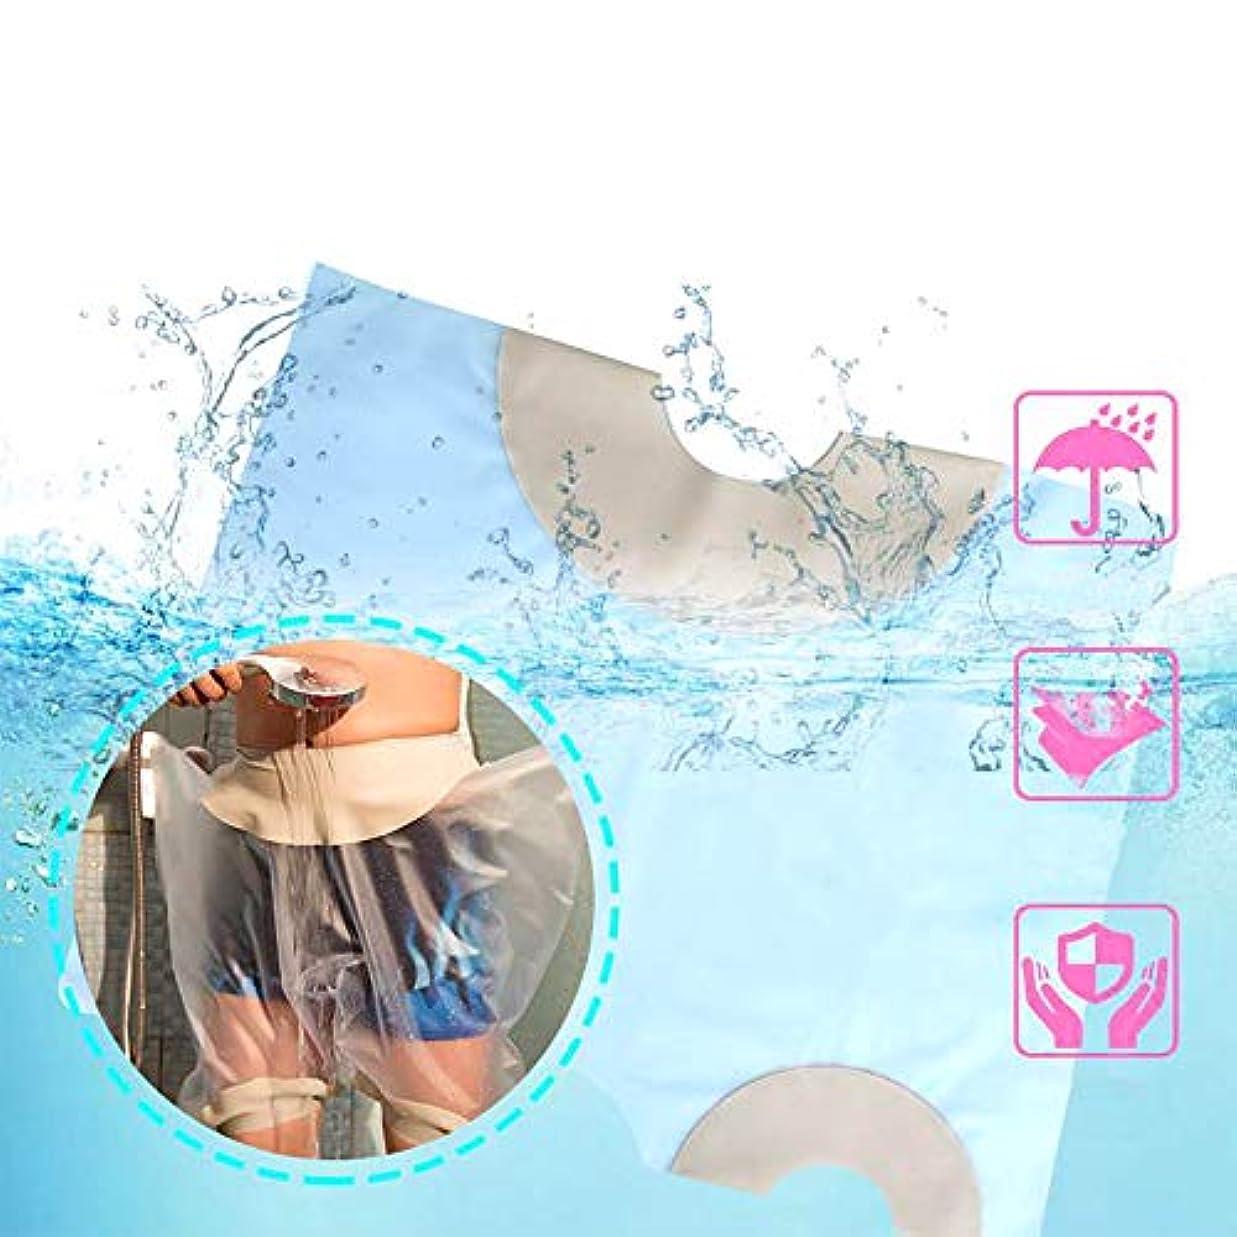 通知する賞賛する一防水キャストバッグ包帯プロテクター防水大人のプラスチック製の保護ドライバッグ防水、耐、水中シール,M